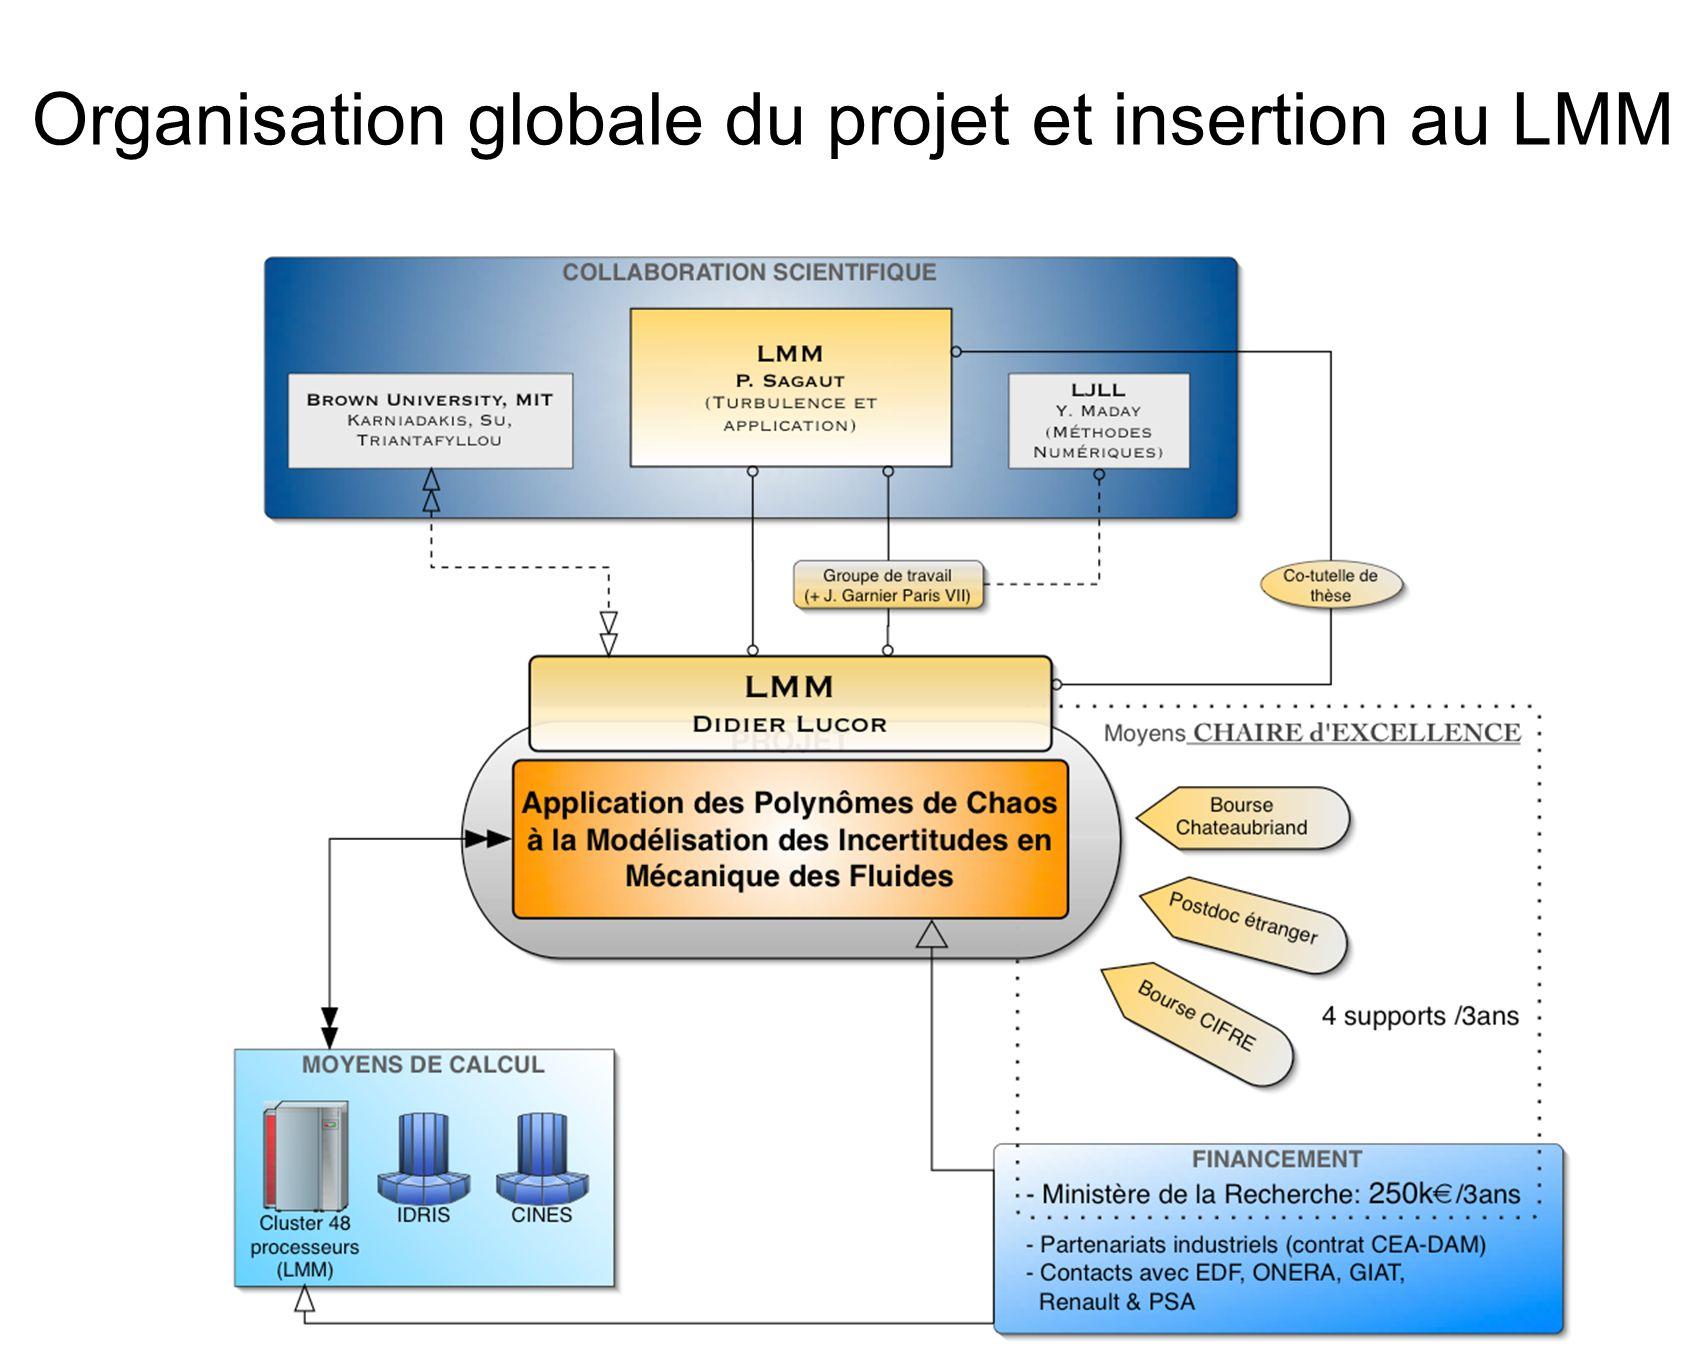 Organisation globale du projet et insertion au LMM